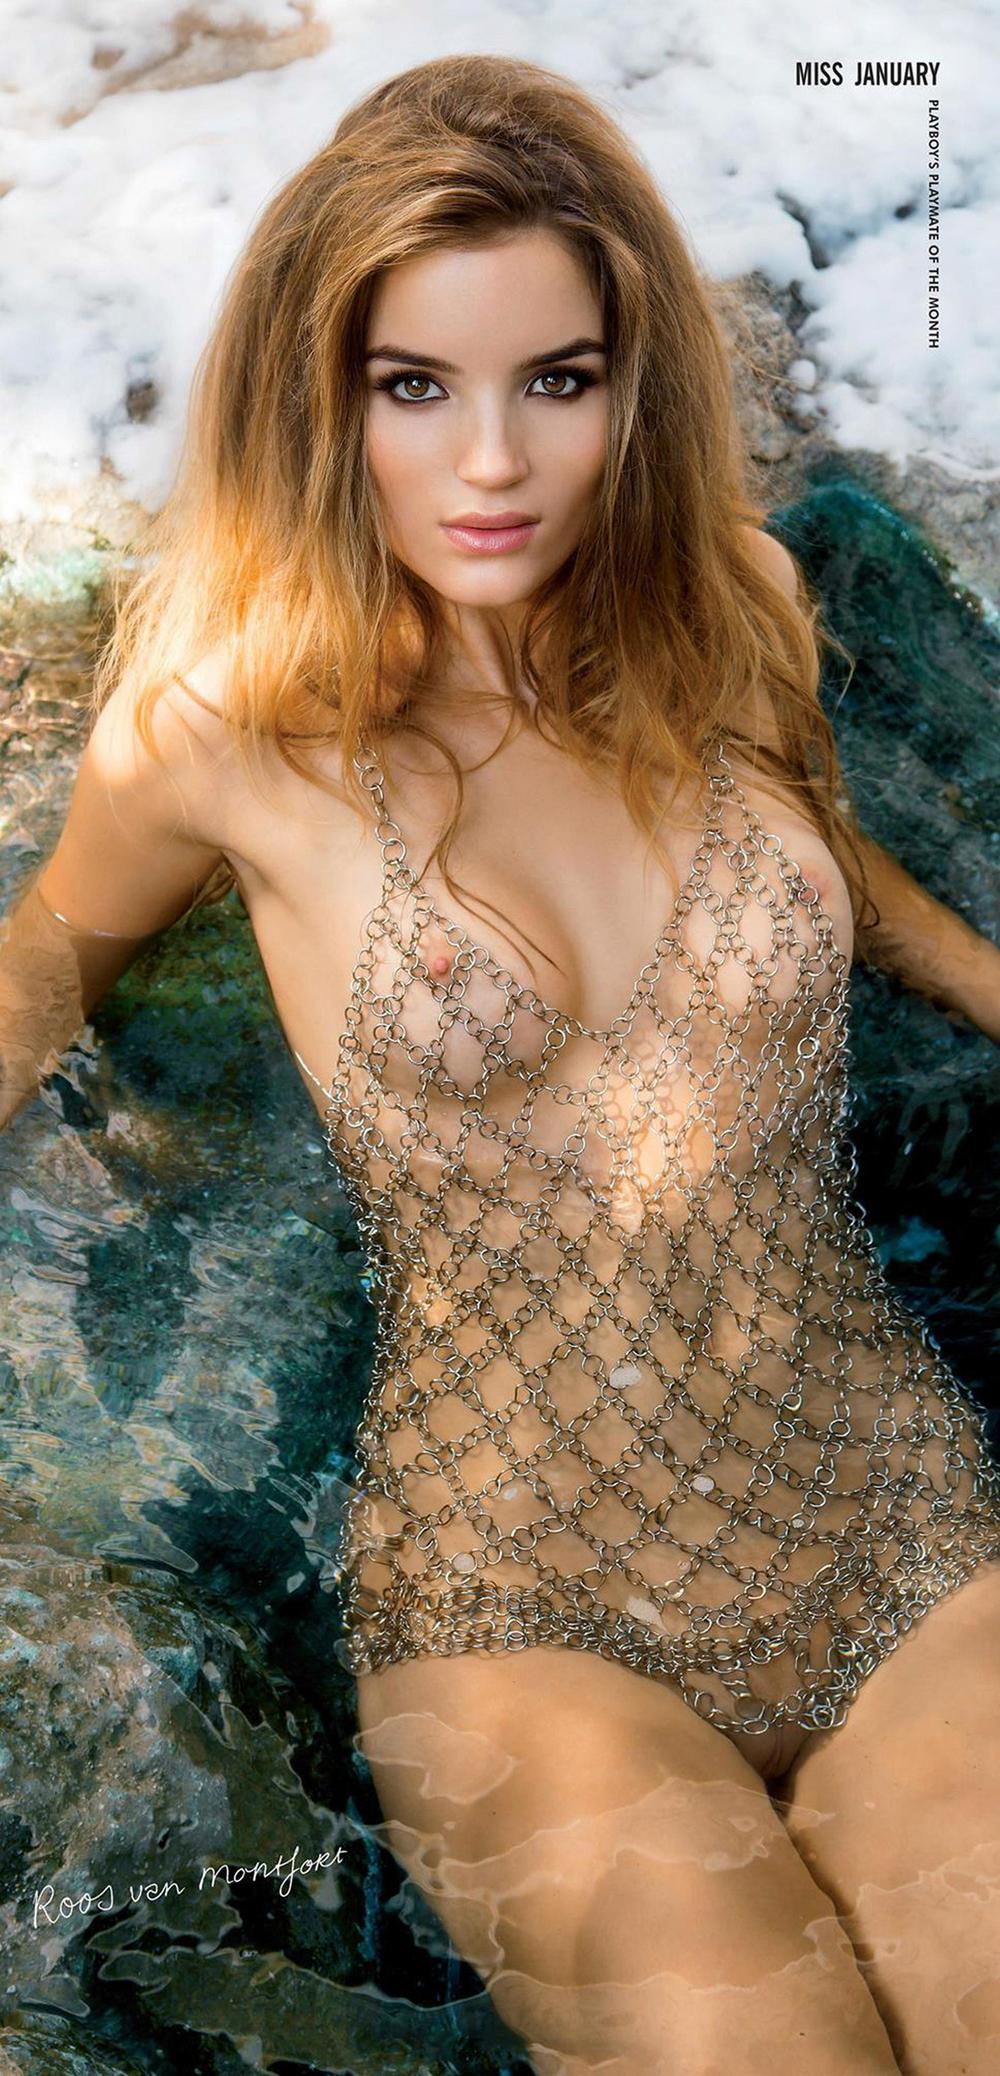 2014_01_Roos_van_Montfort_Playboy_Playmate.jpg